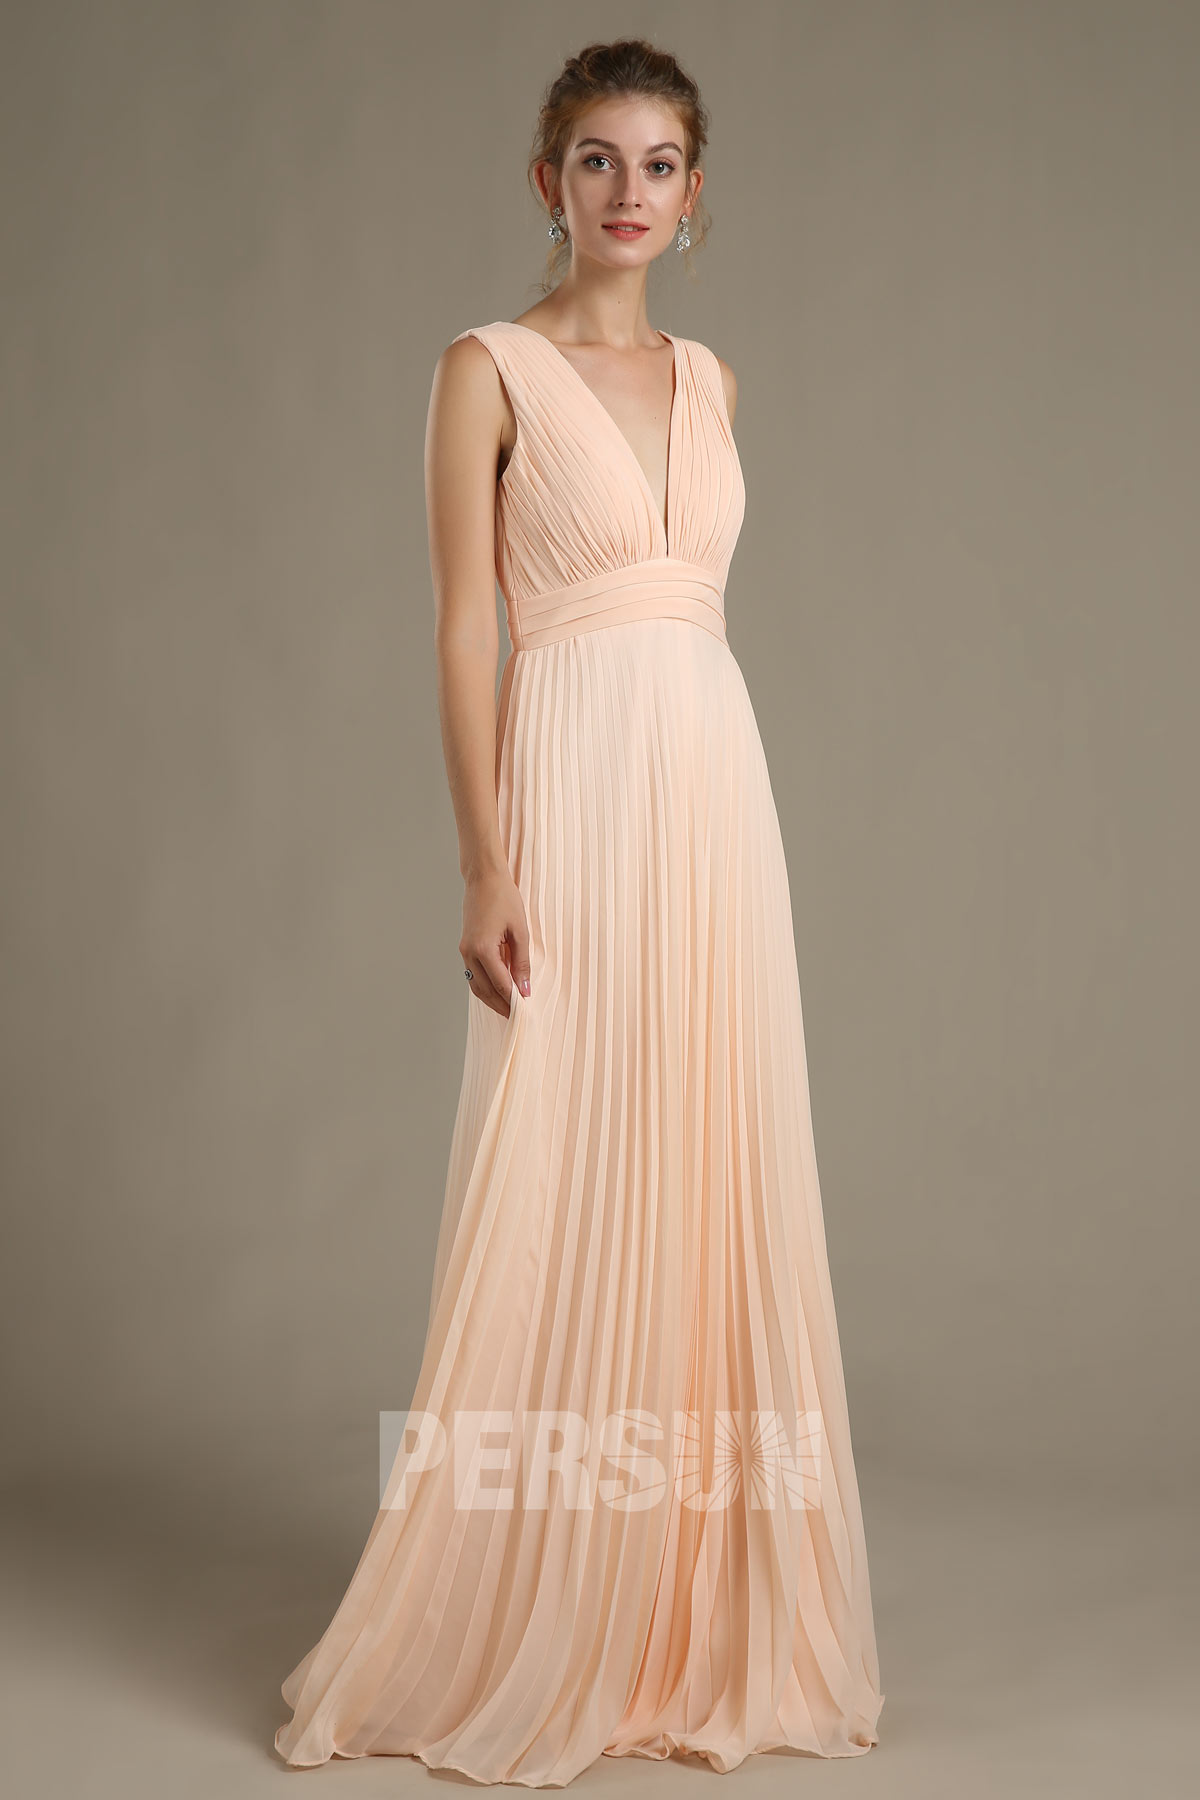 robe invité de mariage nude longue décolleté plongeant plissé